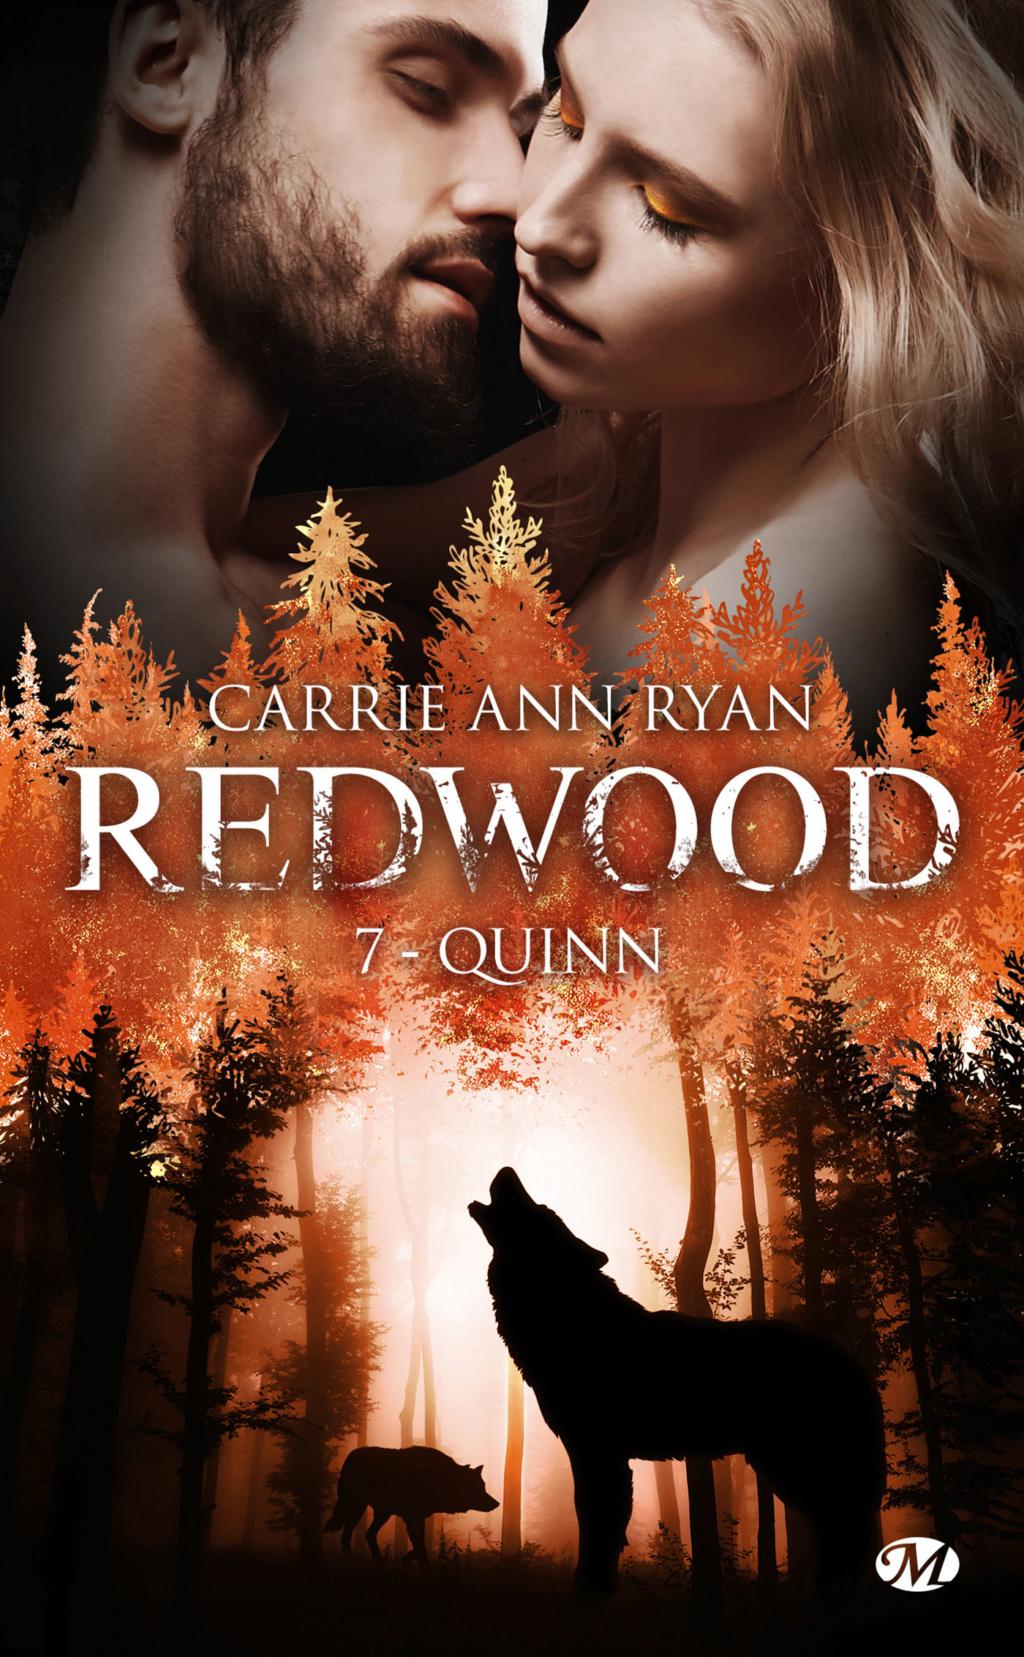 Redwood - Tome 7 : Quinn de Carrie Ann Ryan Redwoo12